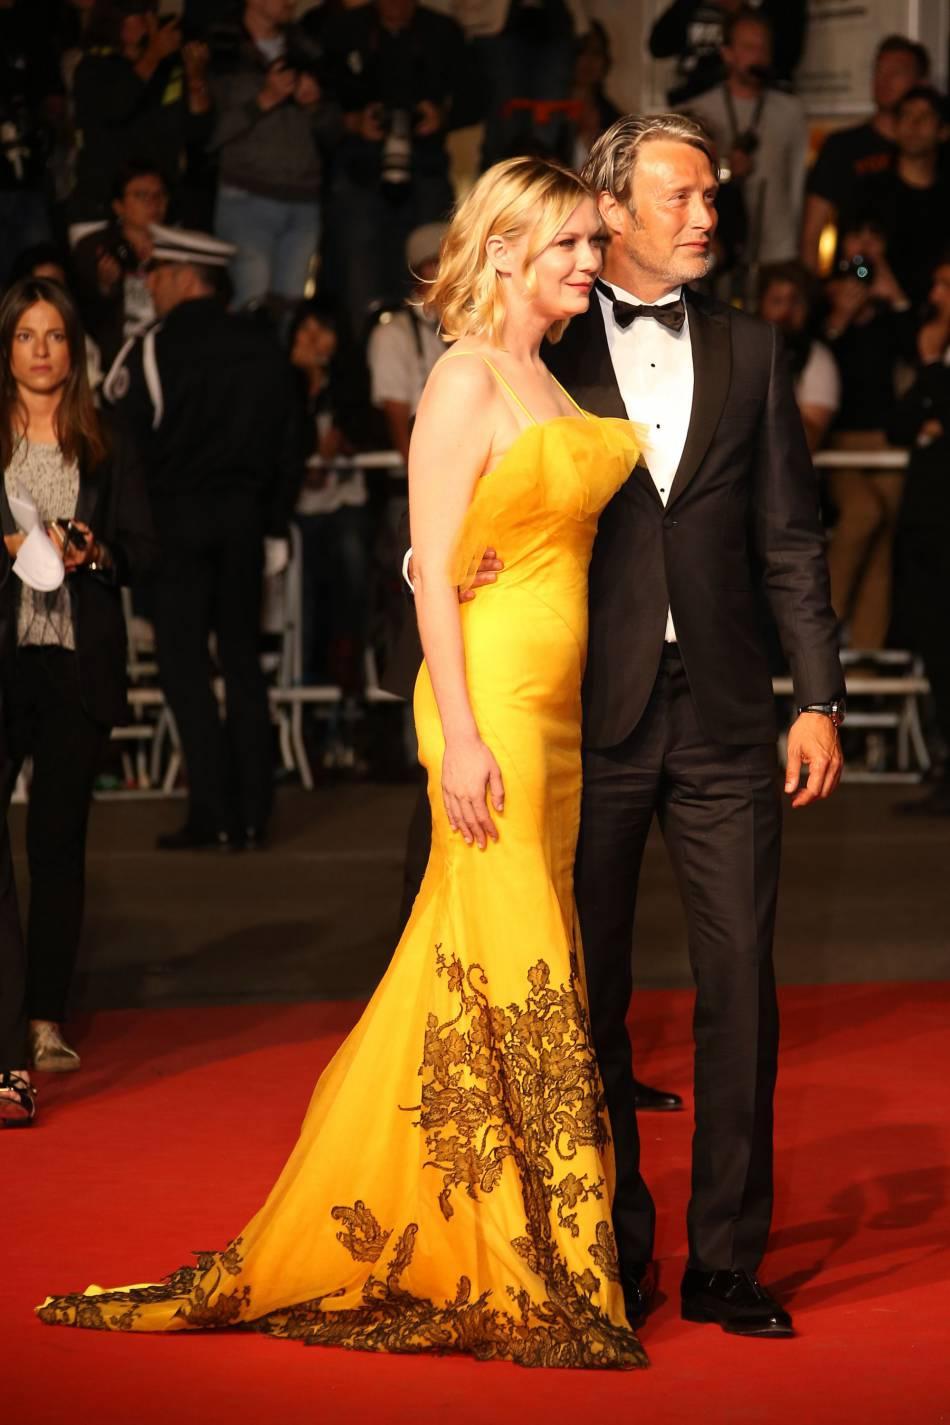 L'actrice pose en compagnie de Mads Mikkelsen. Elle est habillée d'une  robe Maison Margiela Haute Couture créée spécialement pour elle par John Galliano.